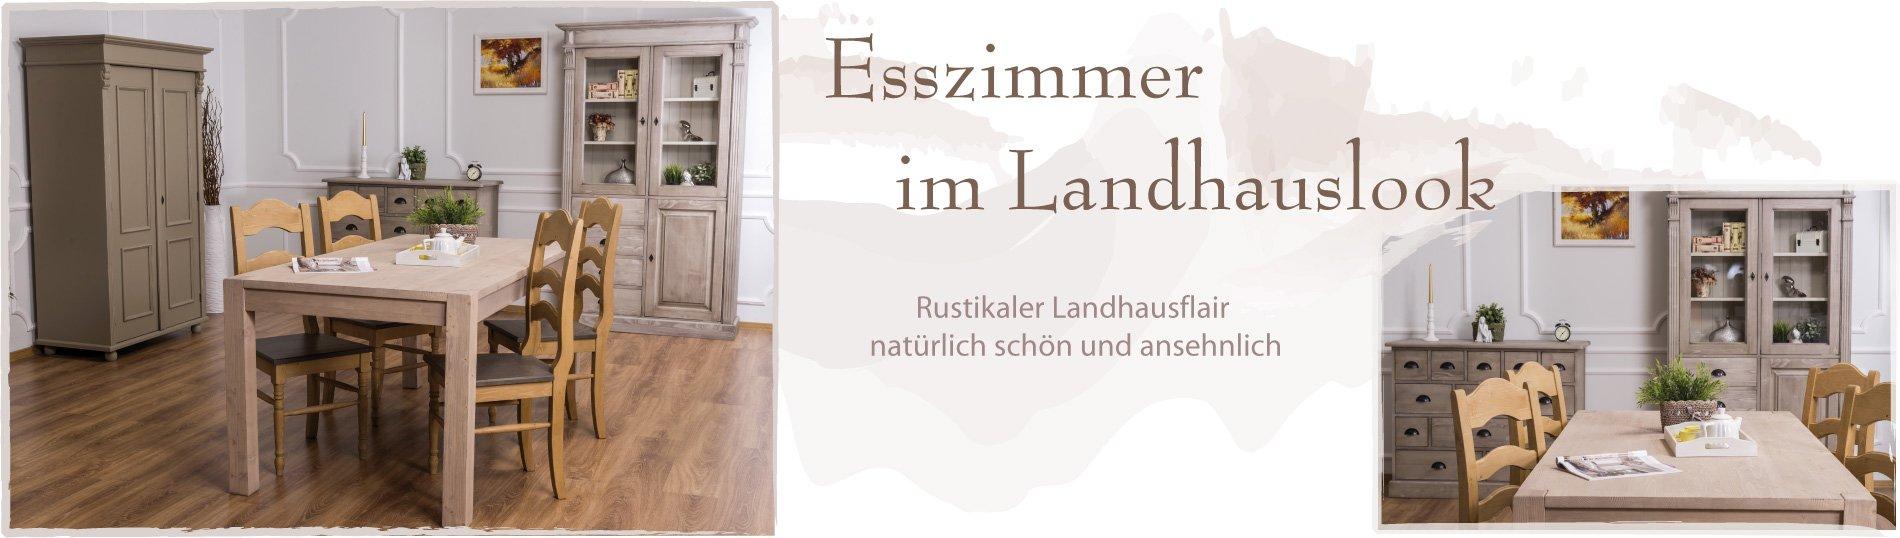 Wohnideen - Esszimmer - Esszimmer im Landhauslook